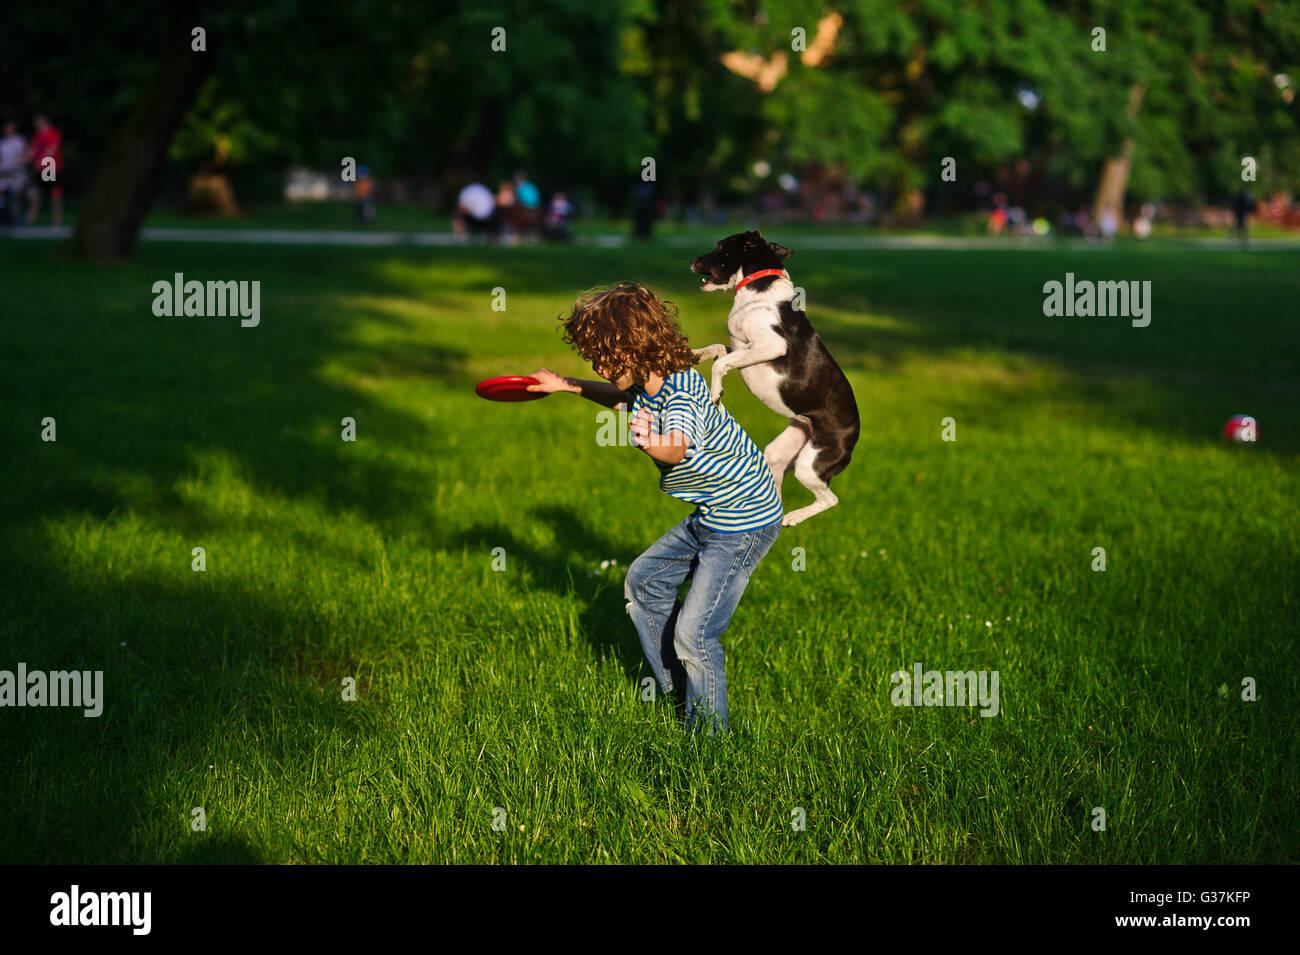 Il ragazzo treni un cane.In un giardino estivo del ragazzo di 8-9 anni suona con un cane.In una mano al ragazzo Immagini Stock